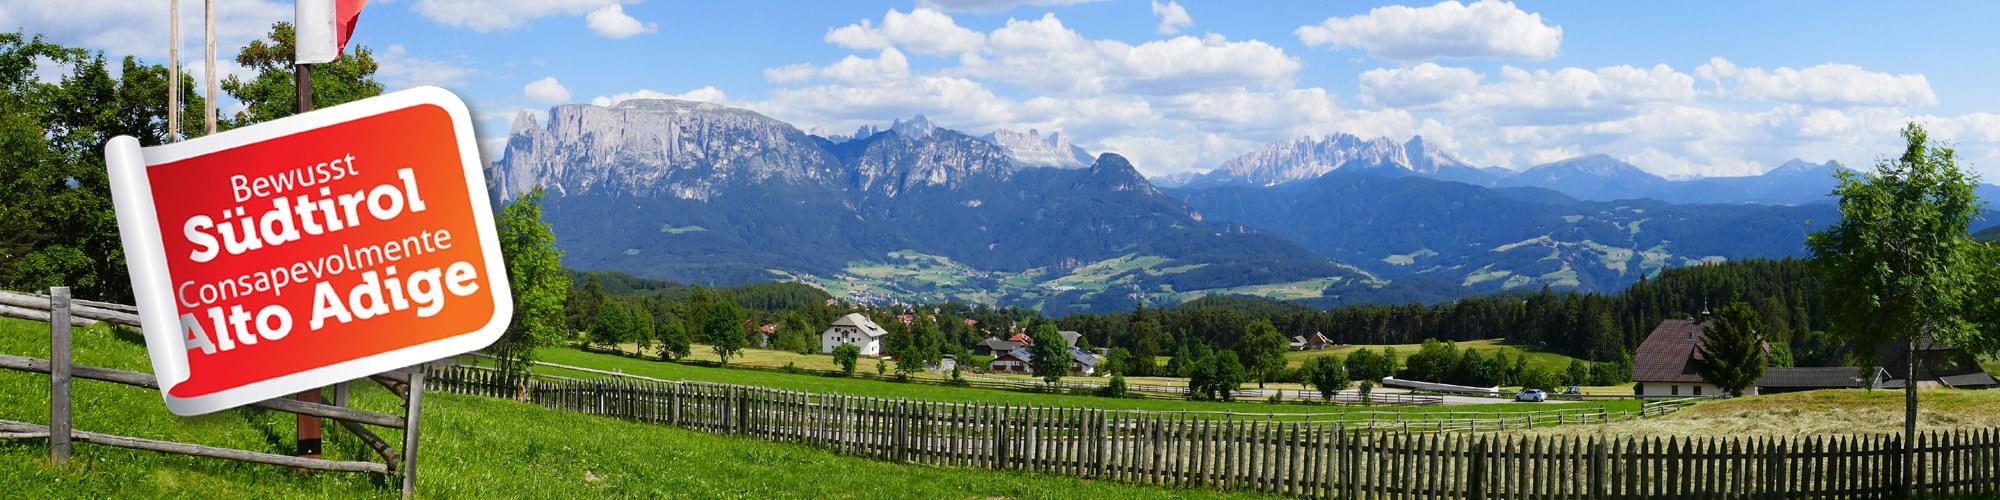 Consapevolmente Alto Adige